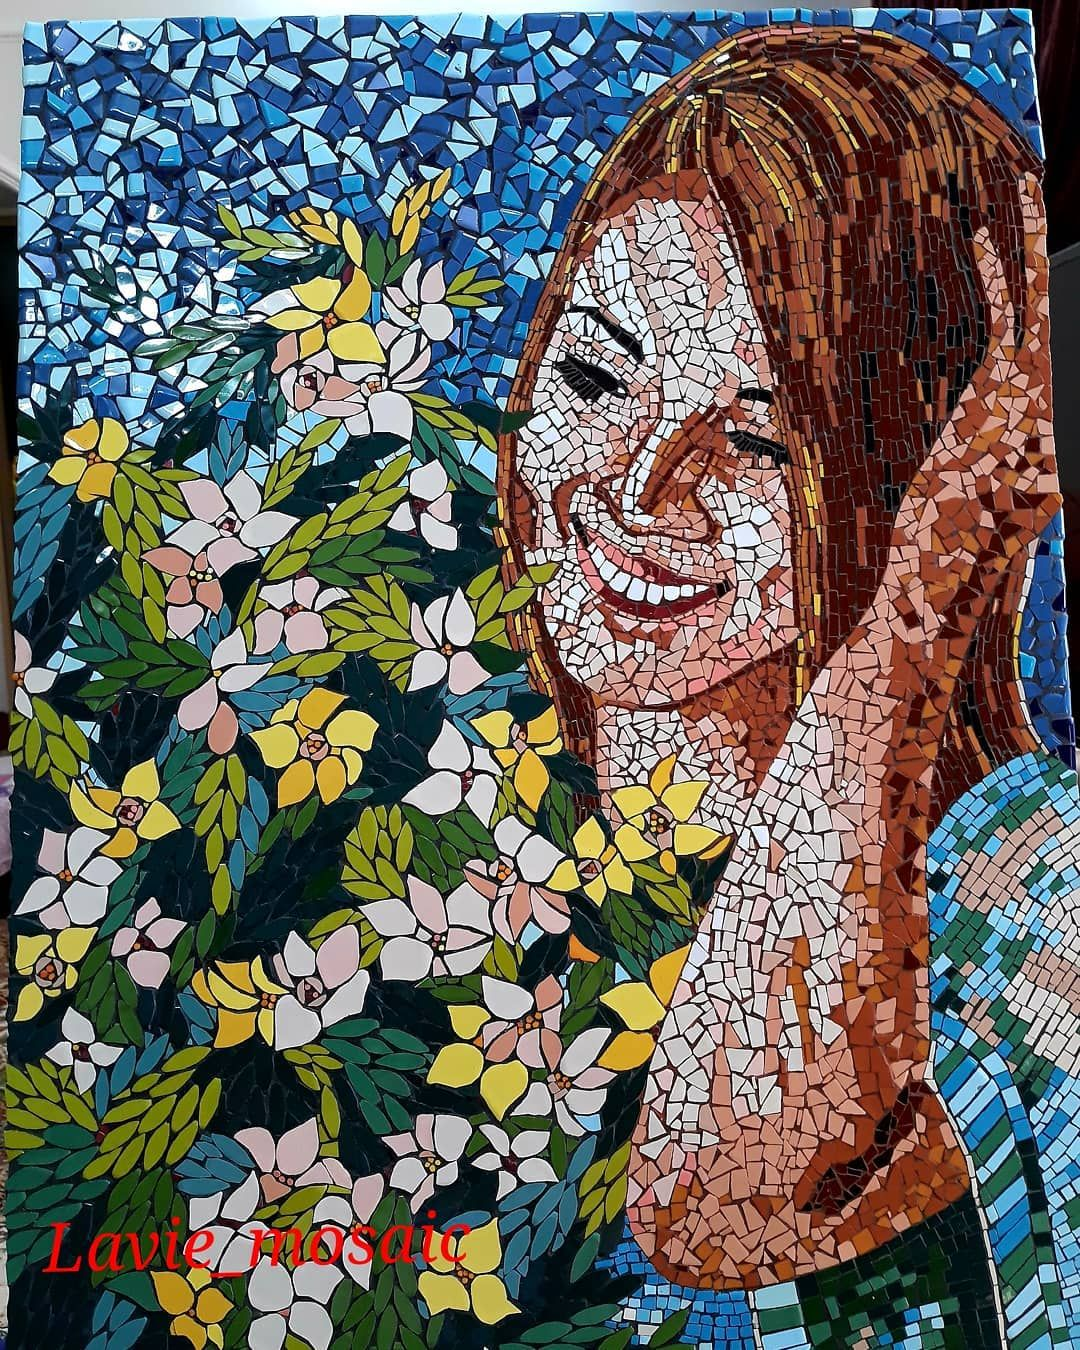 هر کجا که باشی هر جای این سرزمینی باش فقط هر روز خنده هایت را برایم پست کن قلب من برای تپیدن نیاز به انگیزه Immagini Mosaico